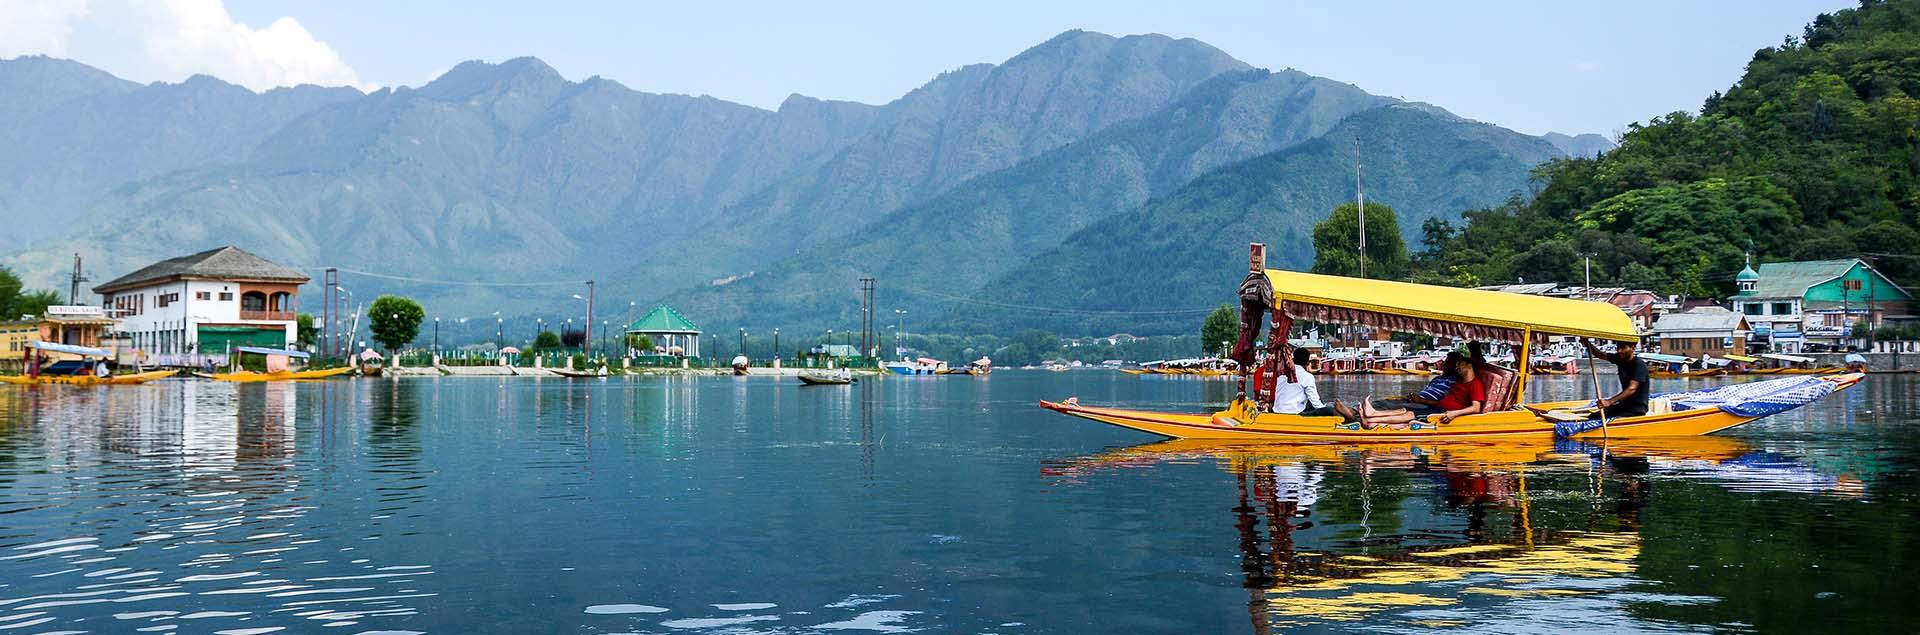 Srinagar India Srinagar Tourism Srinagar Tour Srinagar